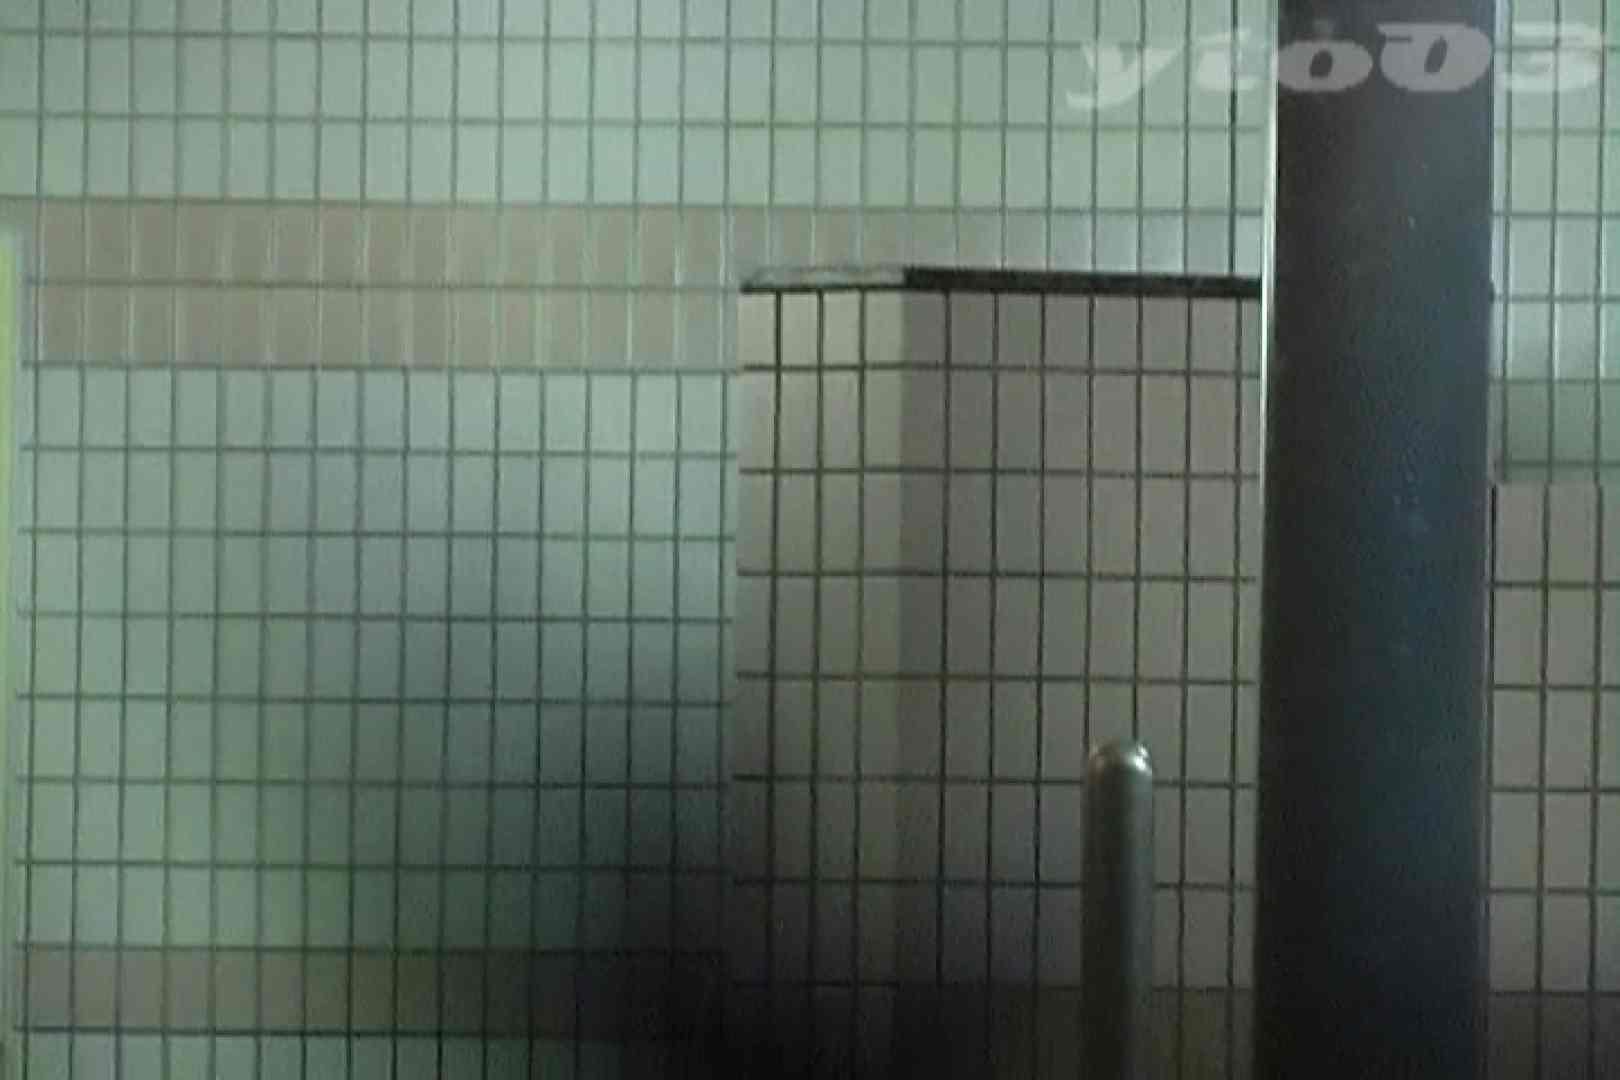 ▲復活限定▲合宿ホテル女風呂盗撮 Vol.21 ギャル攻め | 盗撮で悶絶  110画像 65